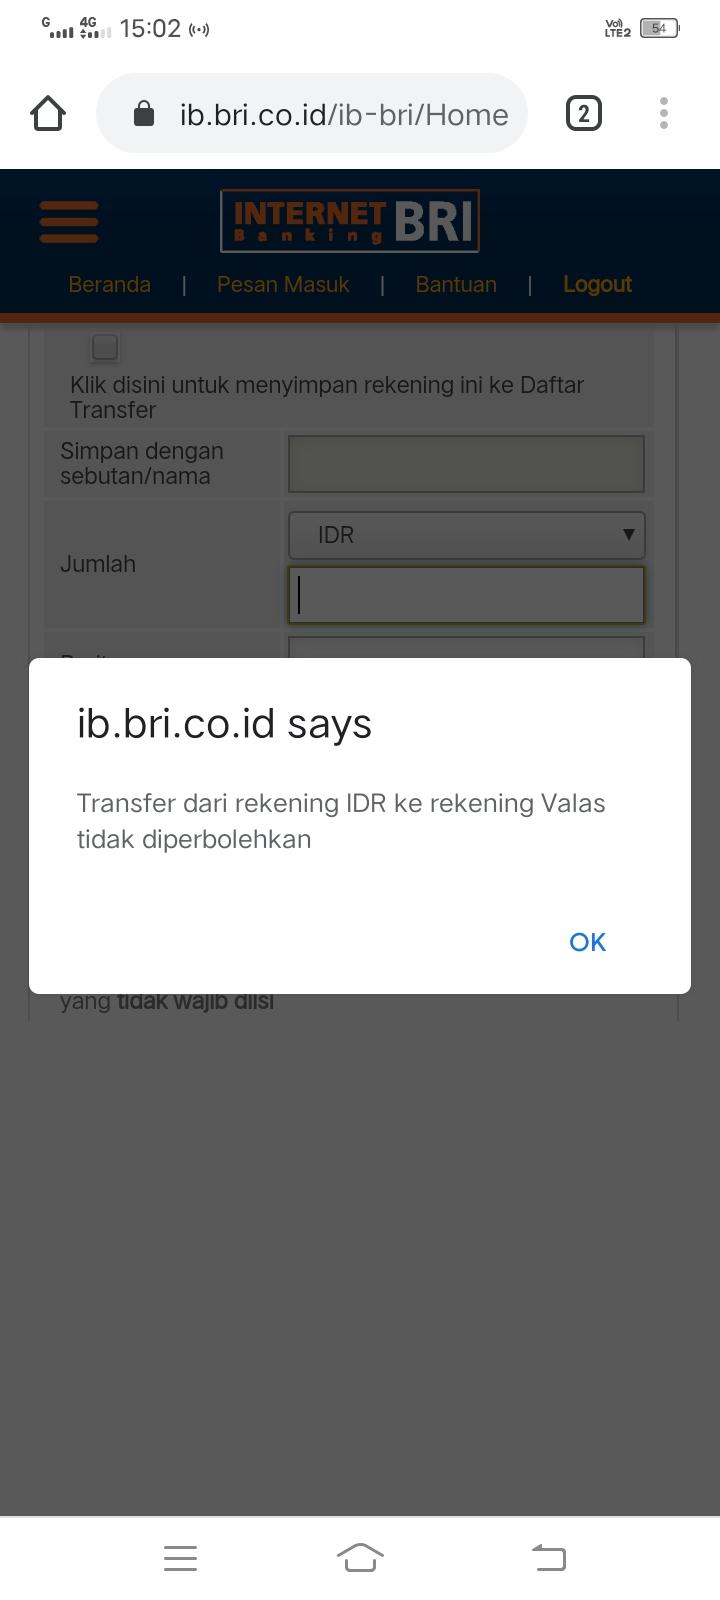 Transfer Dari Rekening IDR Ke Rekening Valas Tidak Diperbolehkan